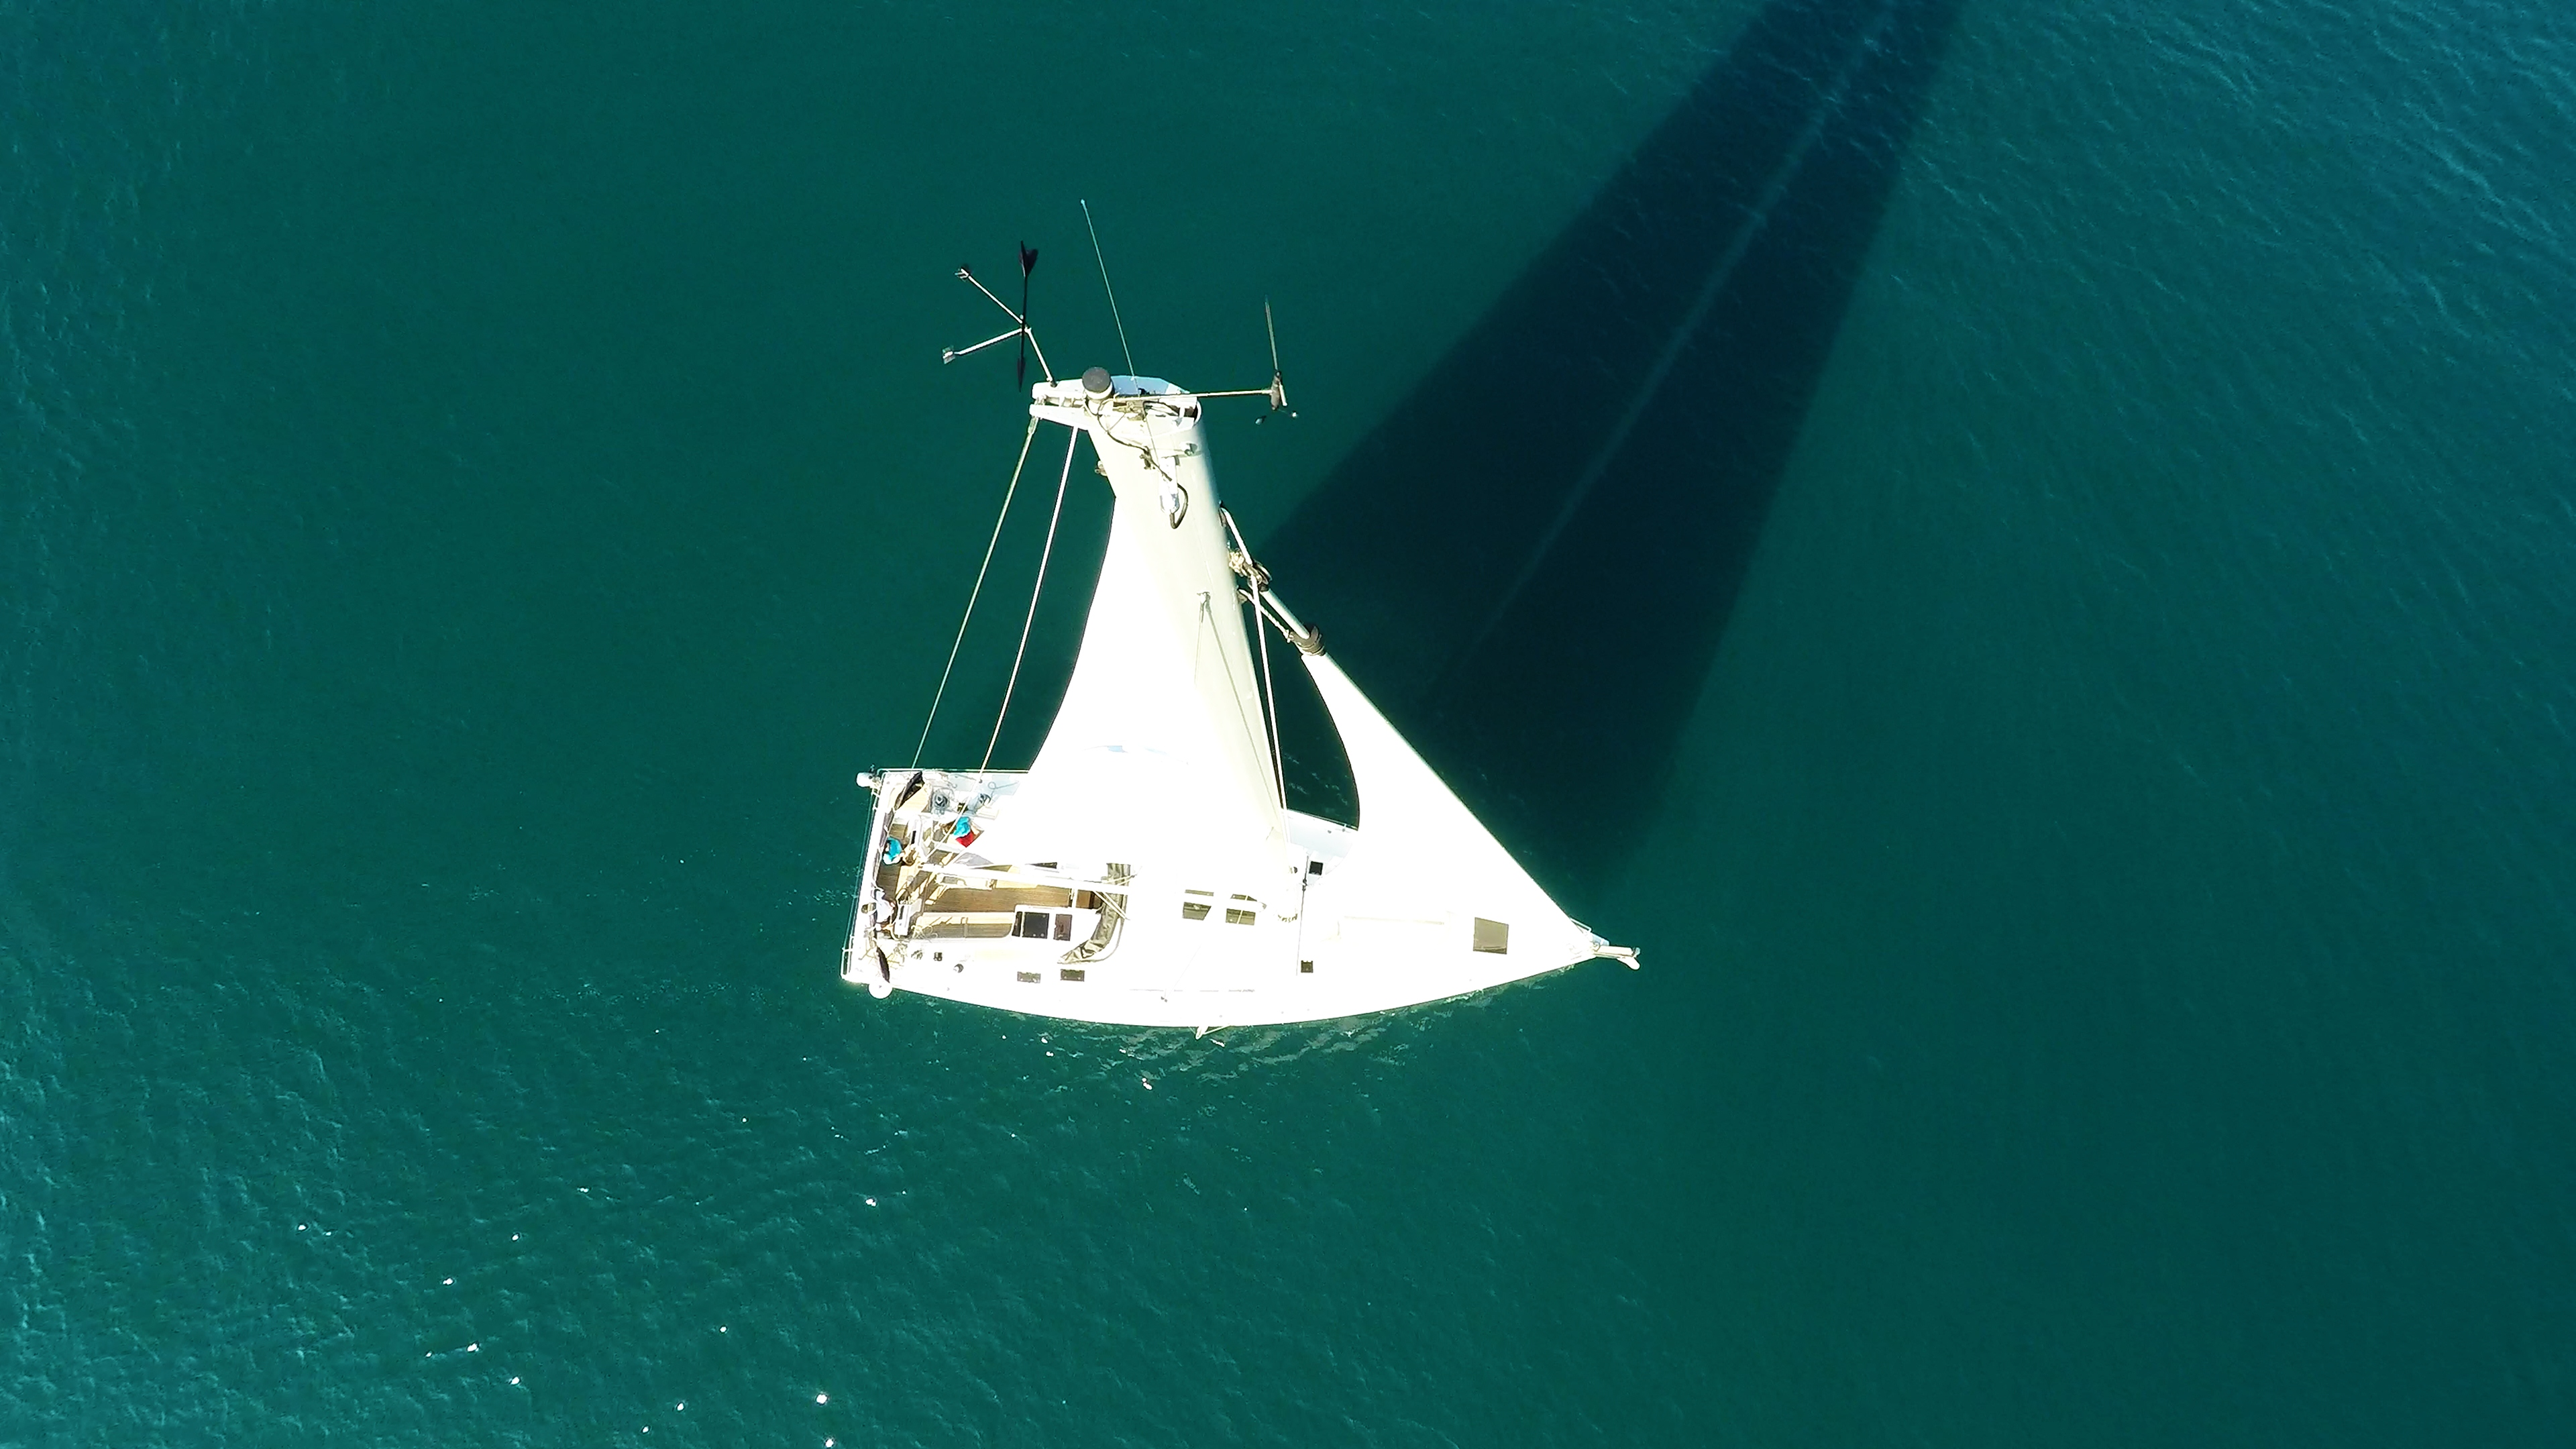 barcha a vela cima dell'albero indicatore del vento yacht a vela Hanse 505 ponte sartiame randa genova pozzetto